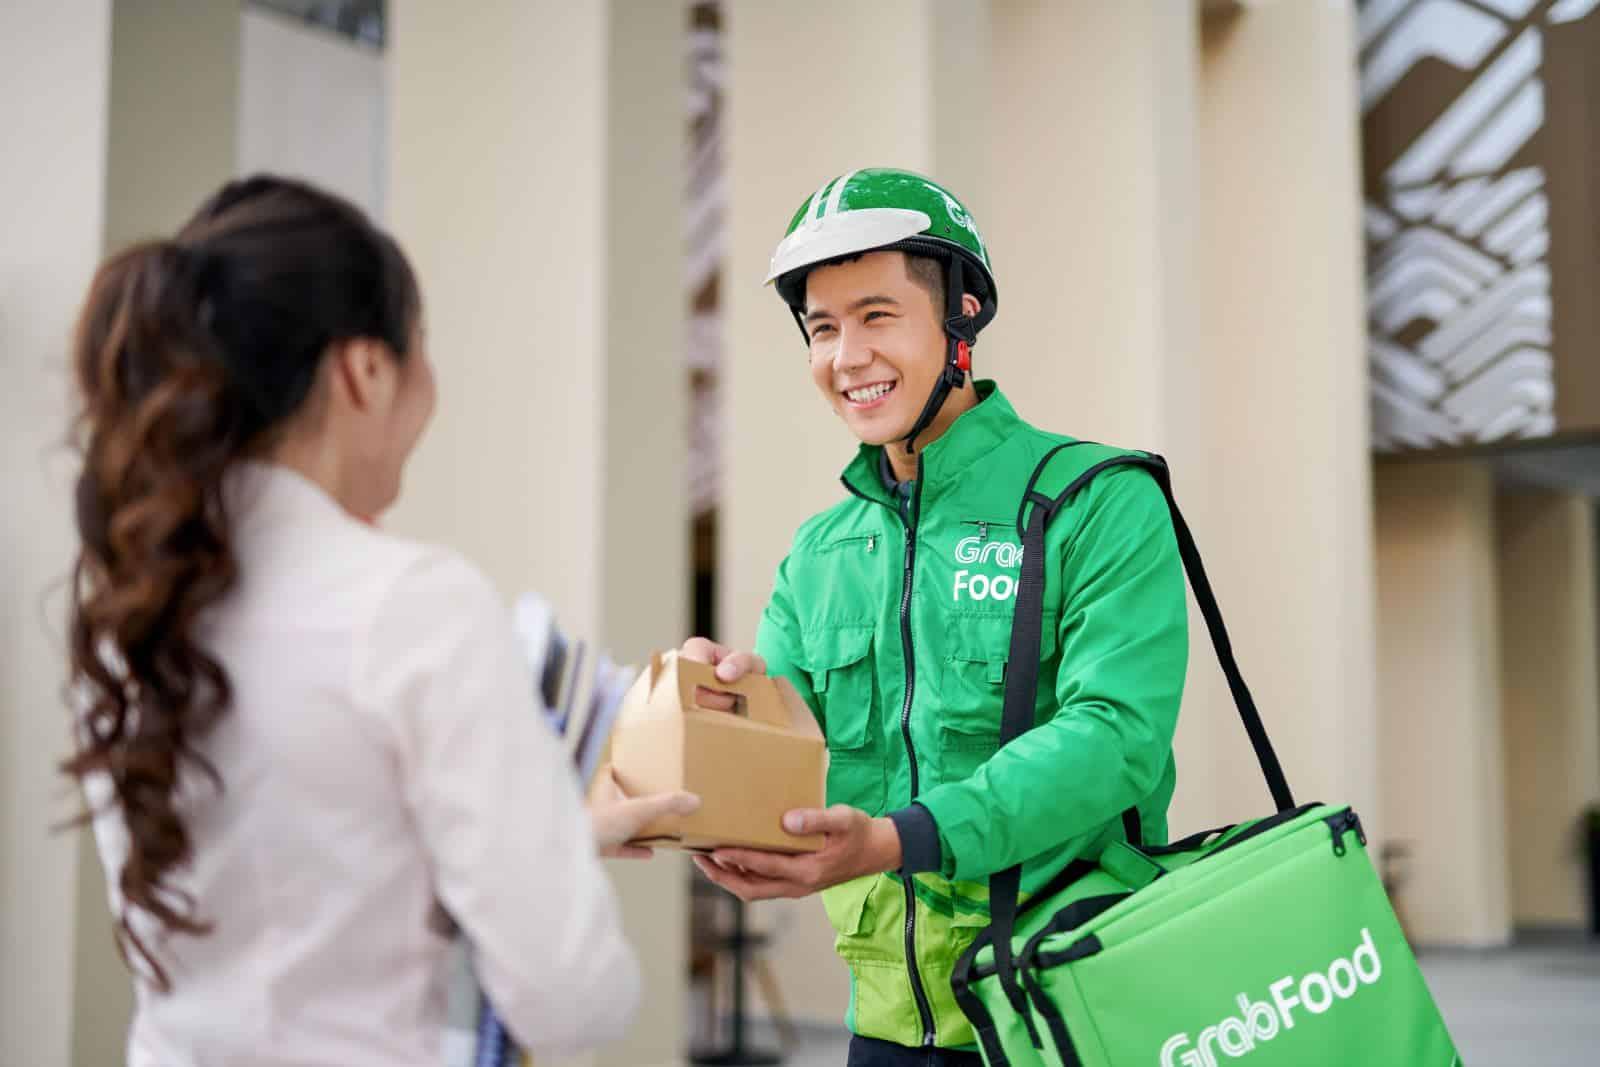 nhu cầu phục vụ tận tay của khách hàng ngày một tăng cao